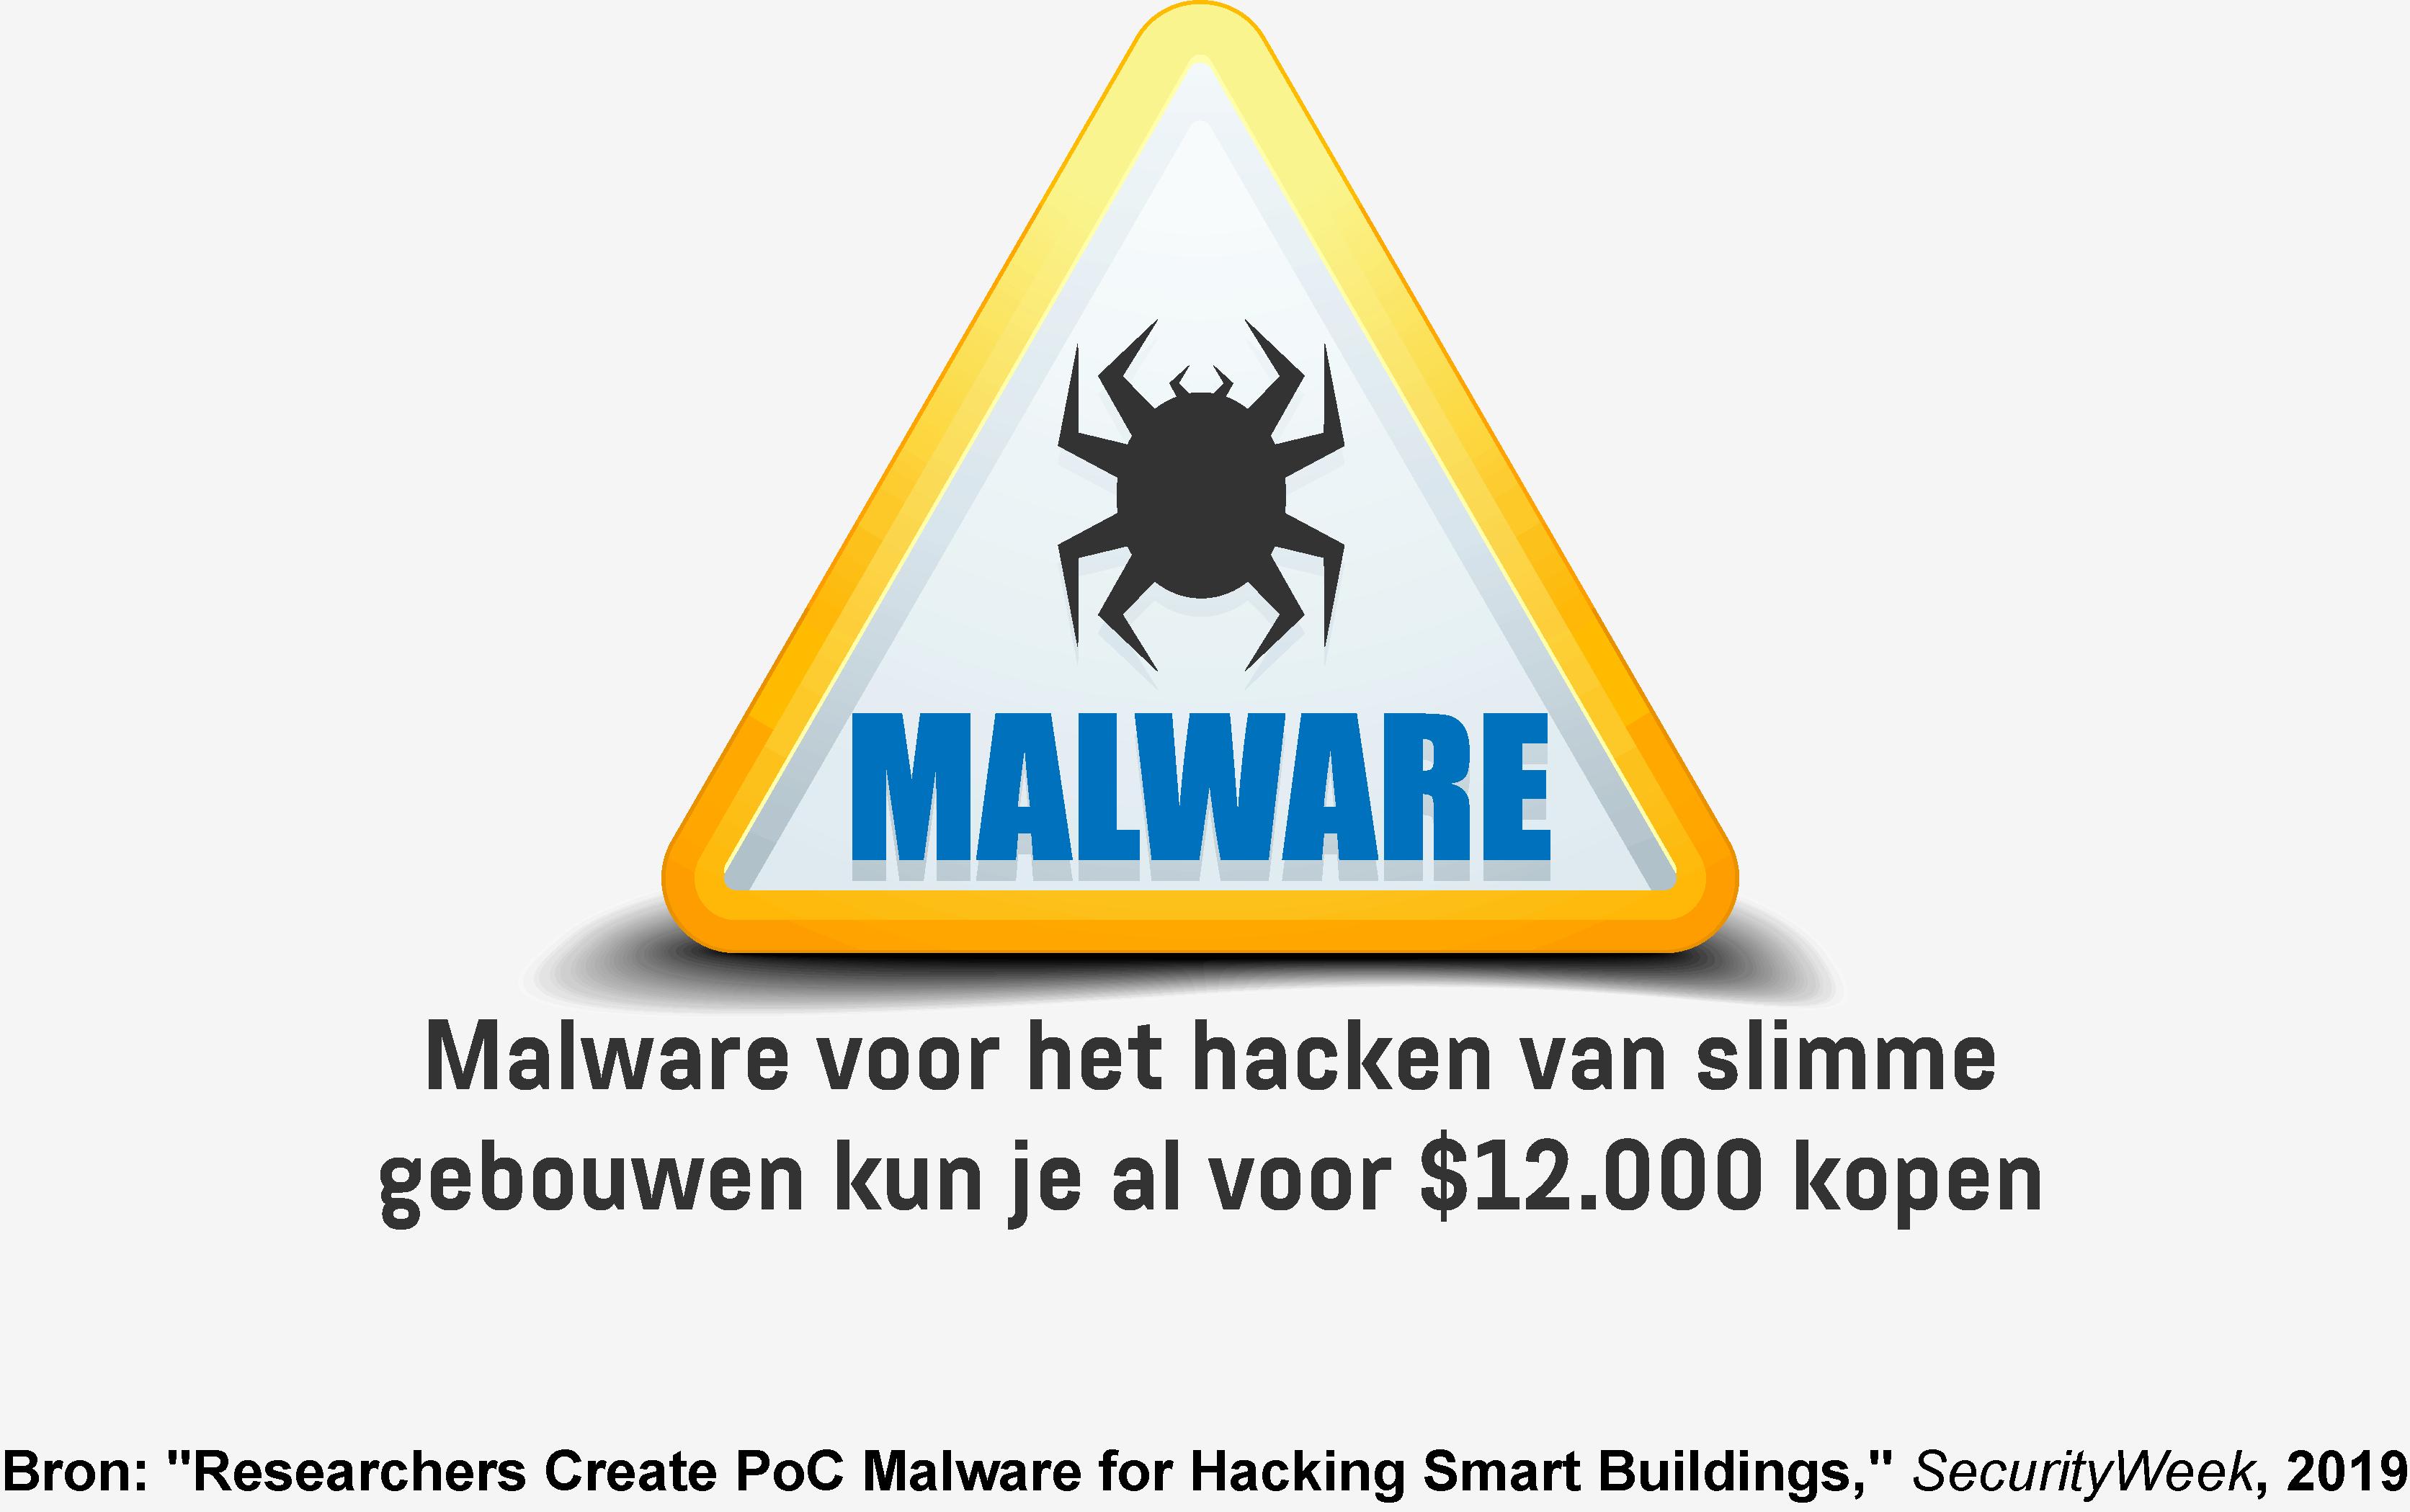 Een infographic met de kosten voor het ontwikkelen van malware waarmee je de systemen van slimme gebouwen kunt infiltreren